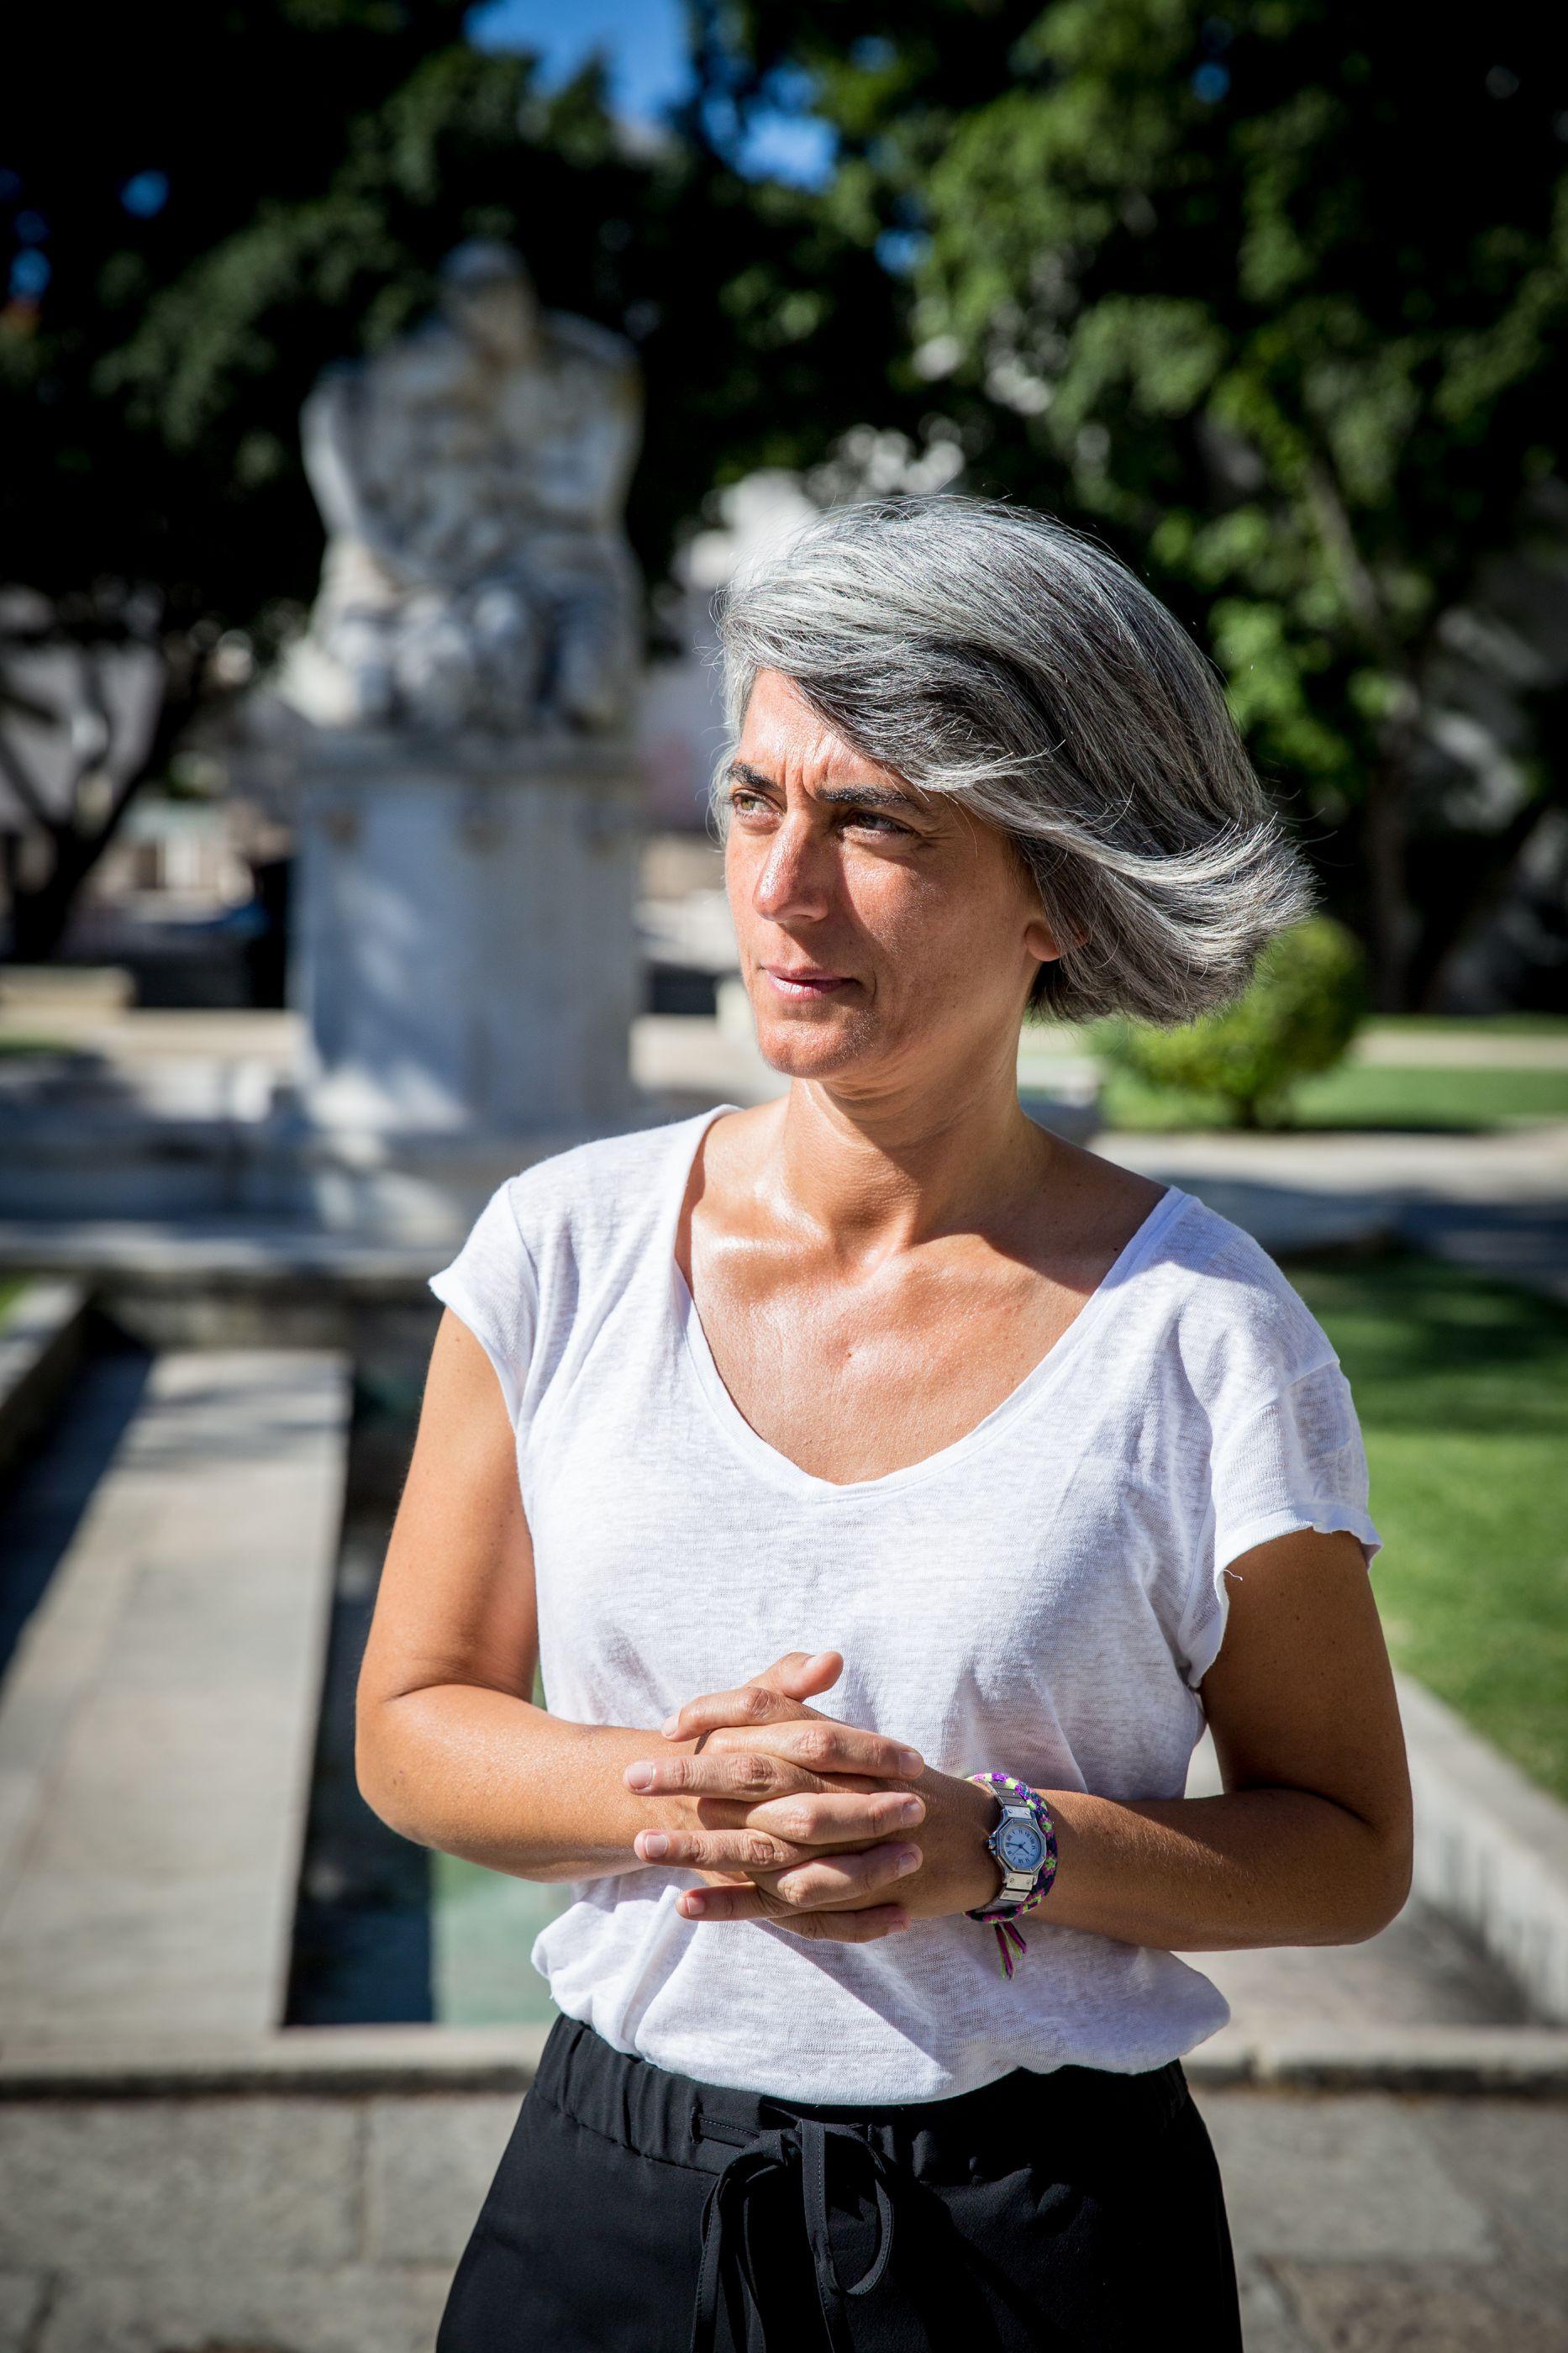 Estar no México e não ver jornais portugueses. Ministra volta a ser tema